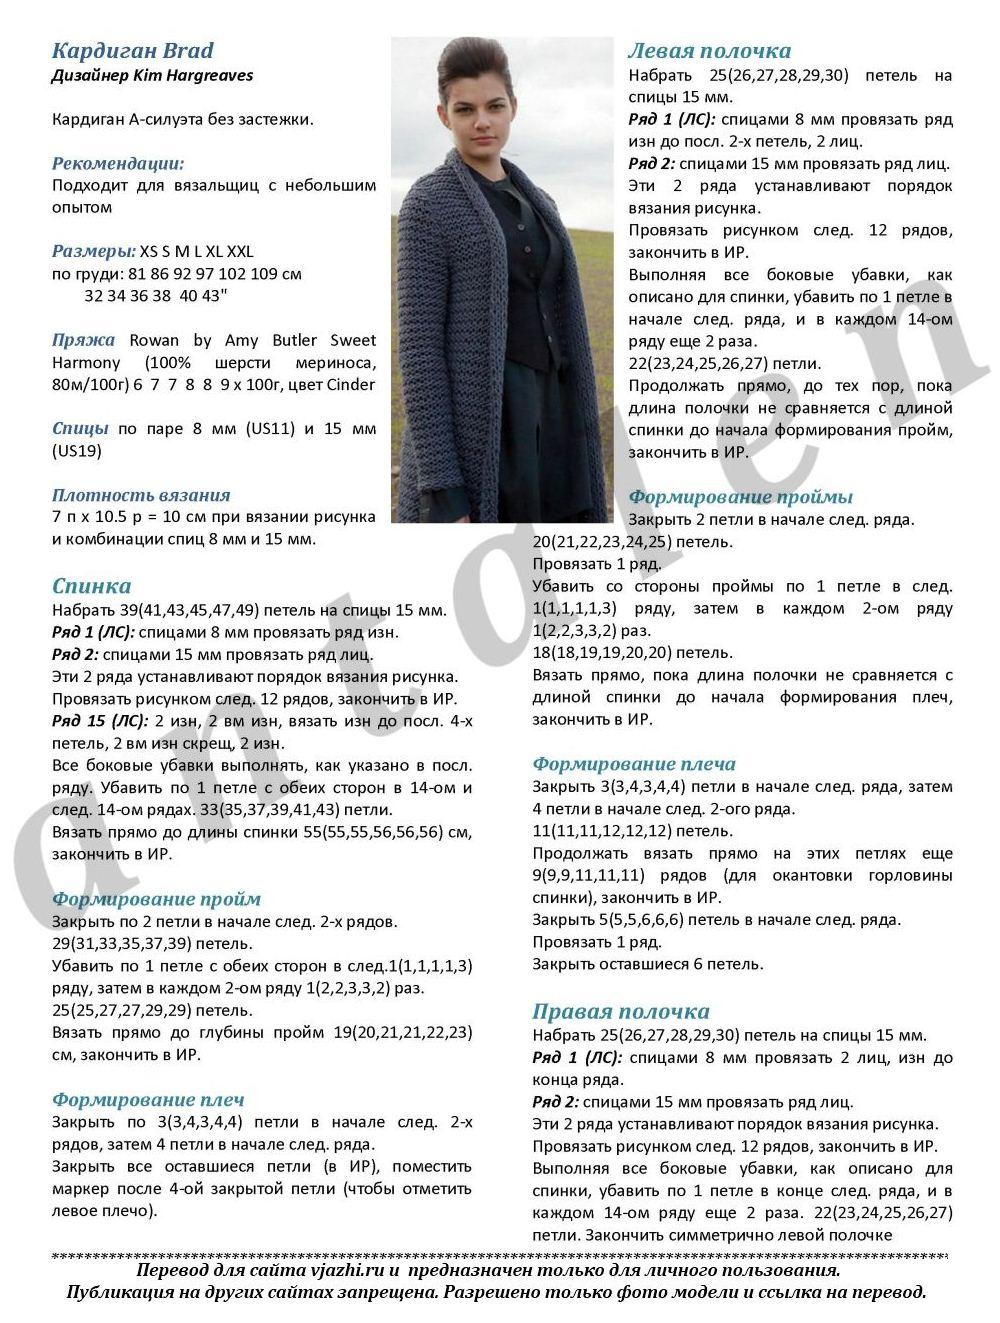 Пальто спицами из толстой пряжи схема описание